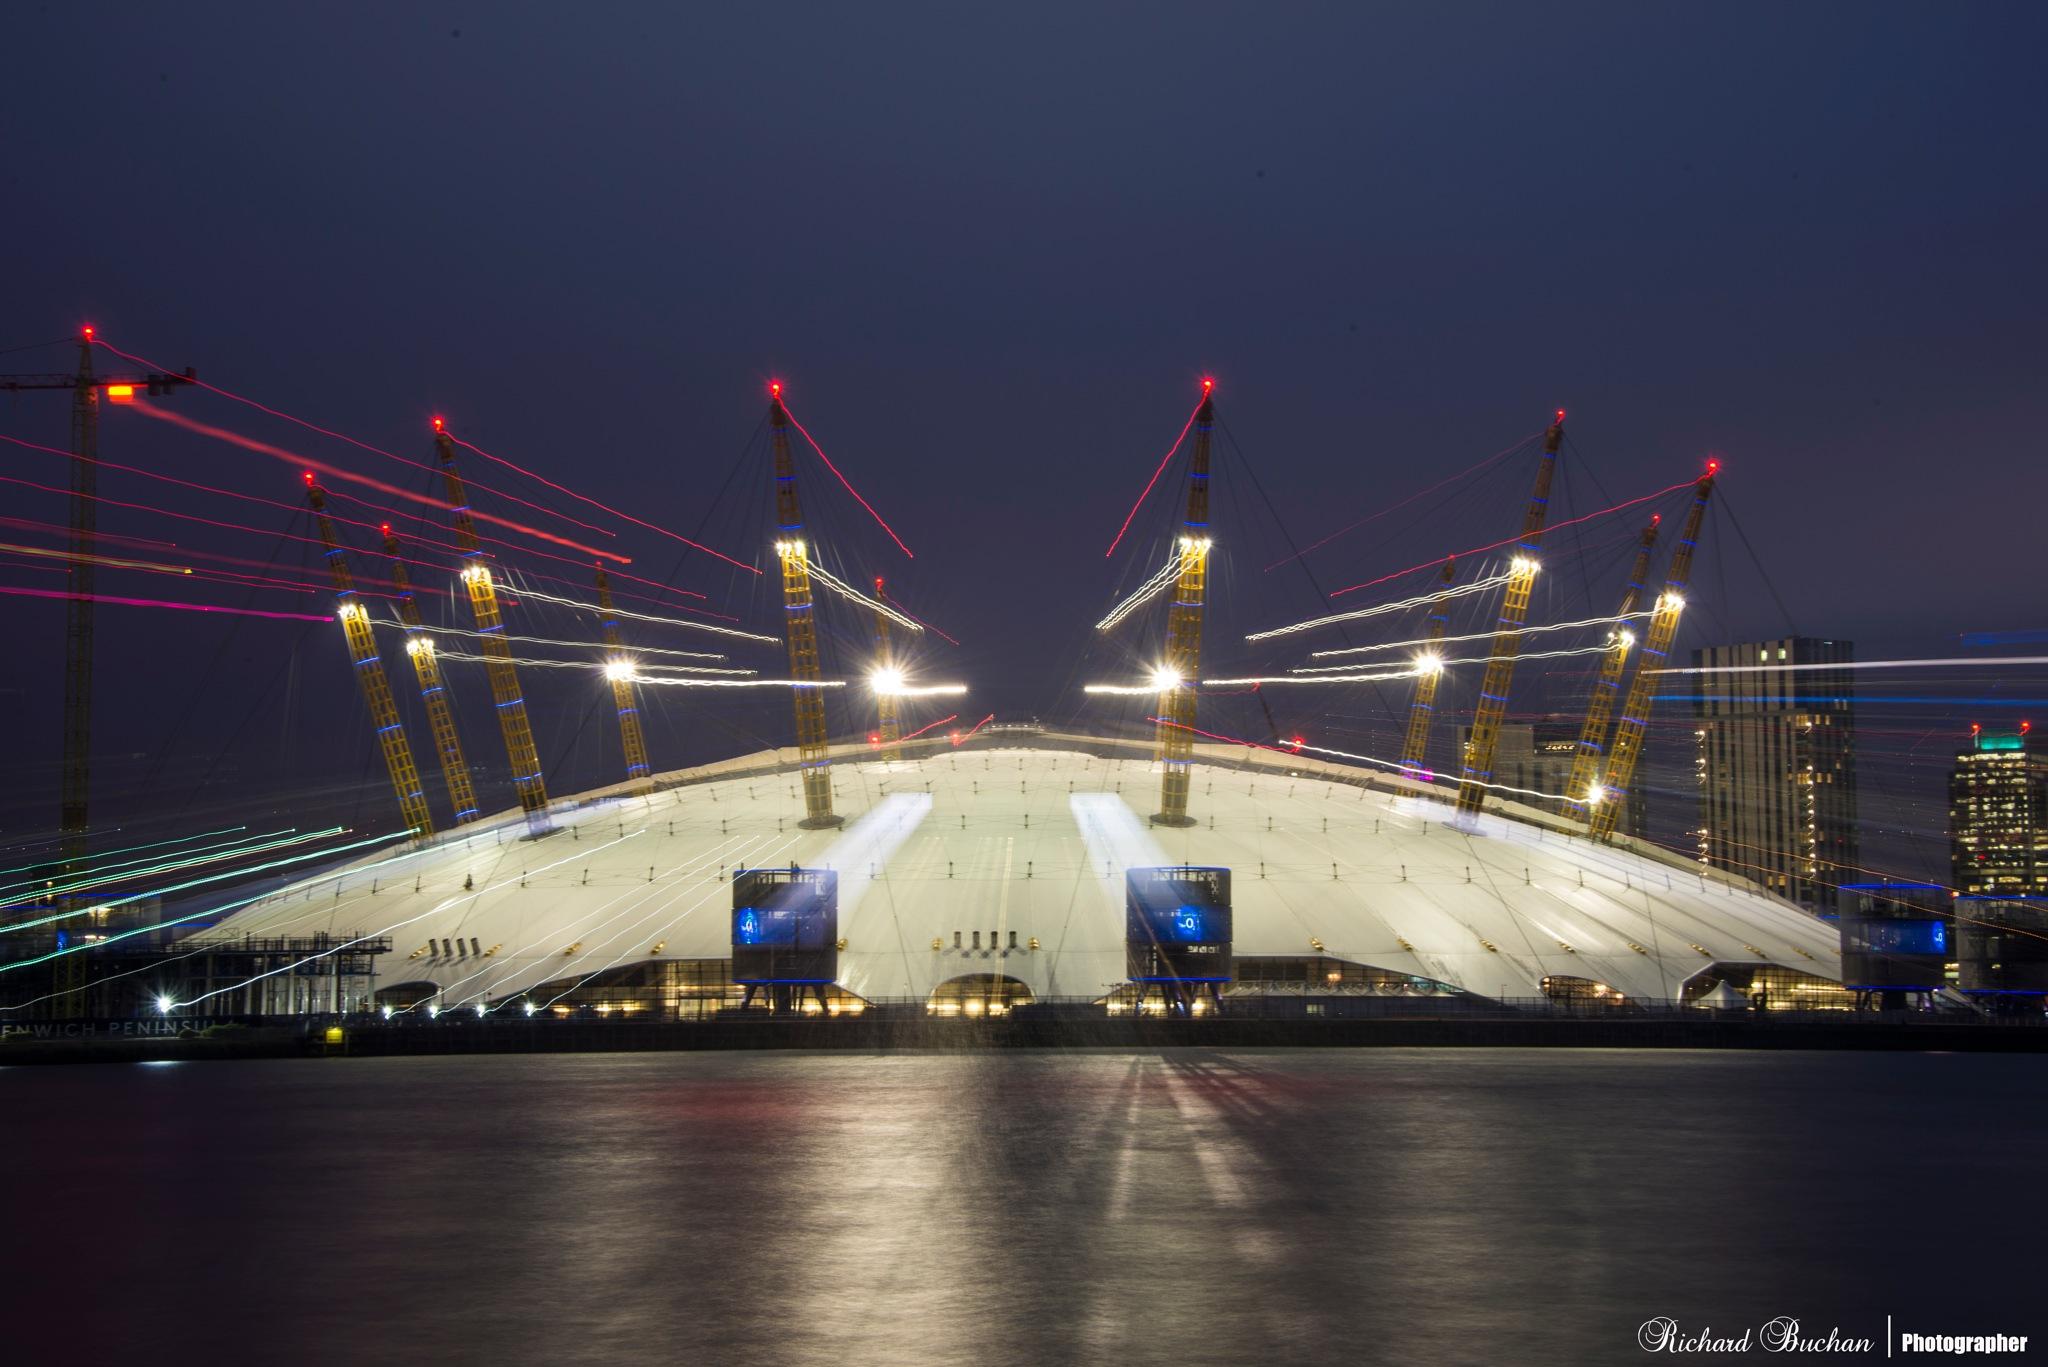 O2 Arena by Richardbuchan